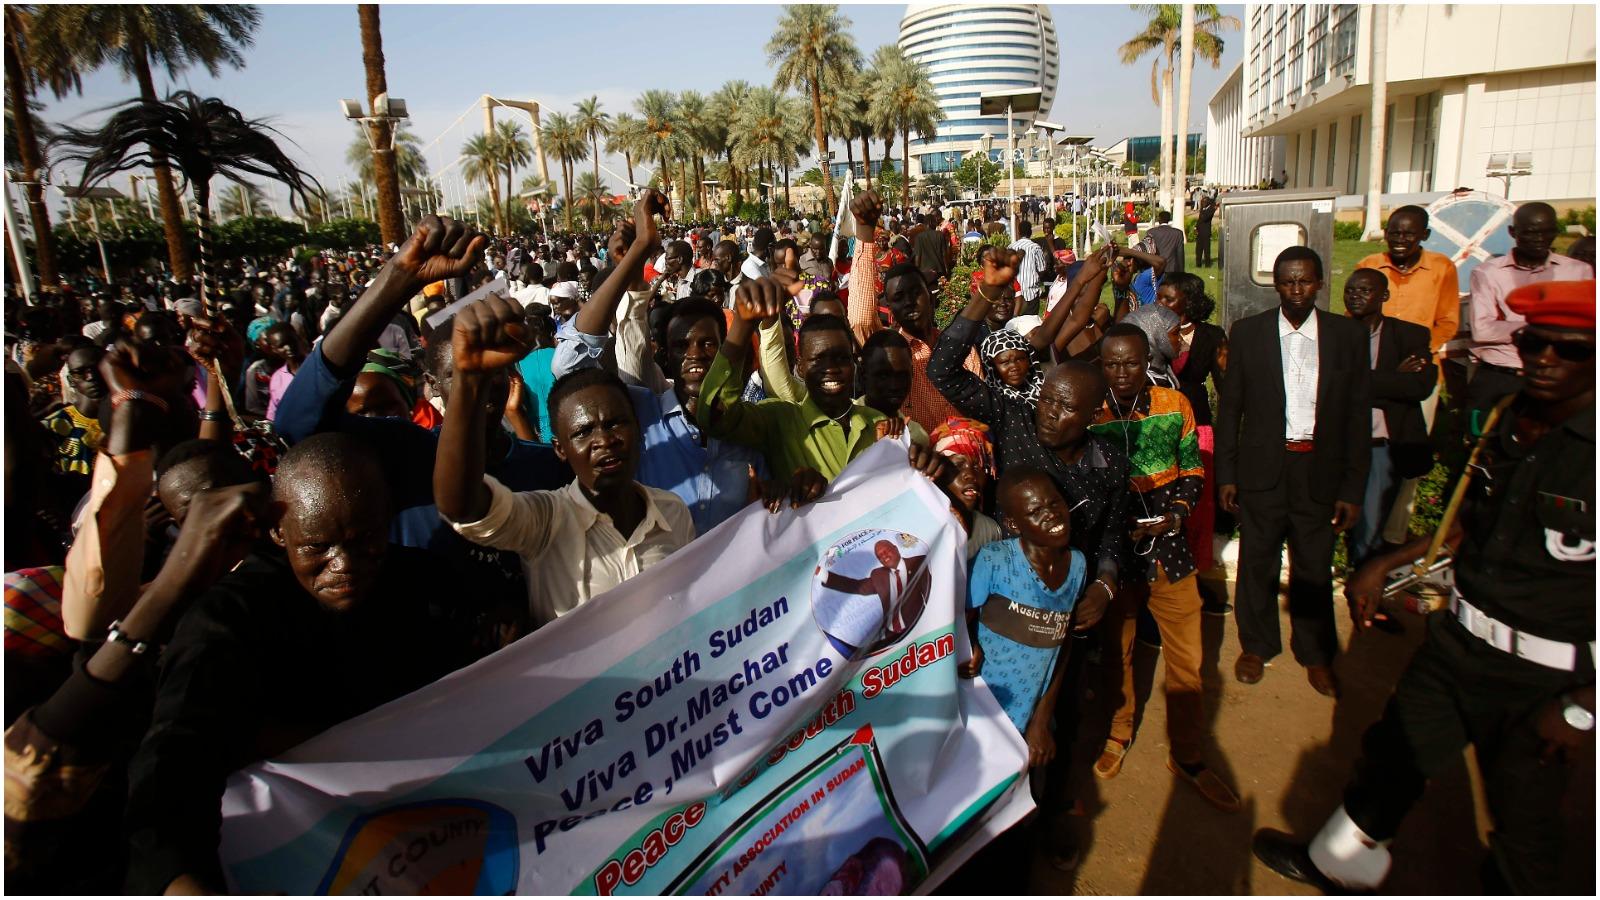 Anne Kirstine Rønn: Sydsudans borgerkrig er en af Afrikas værste humanitære katastrofer. Nu har de en fredsaftale. Men vil den holde?